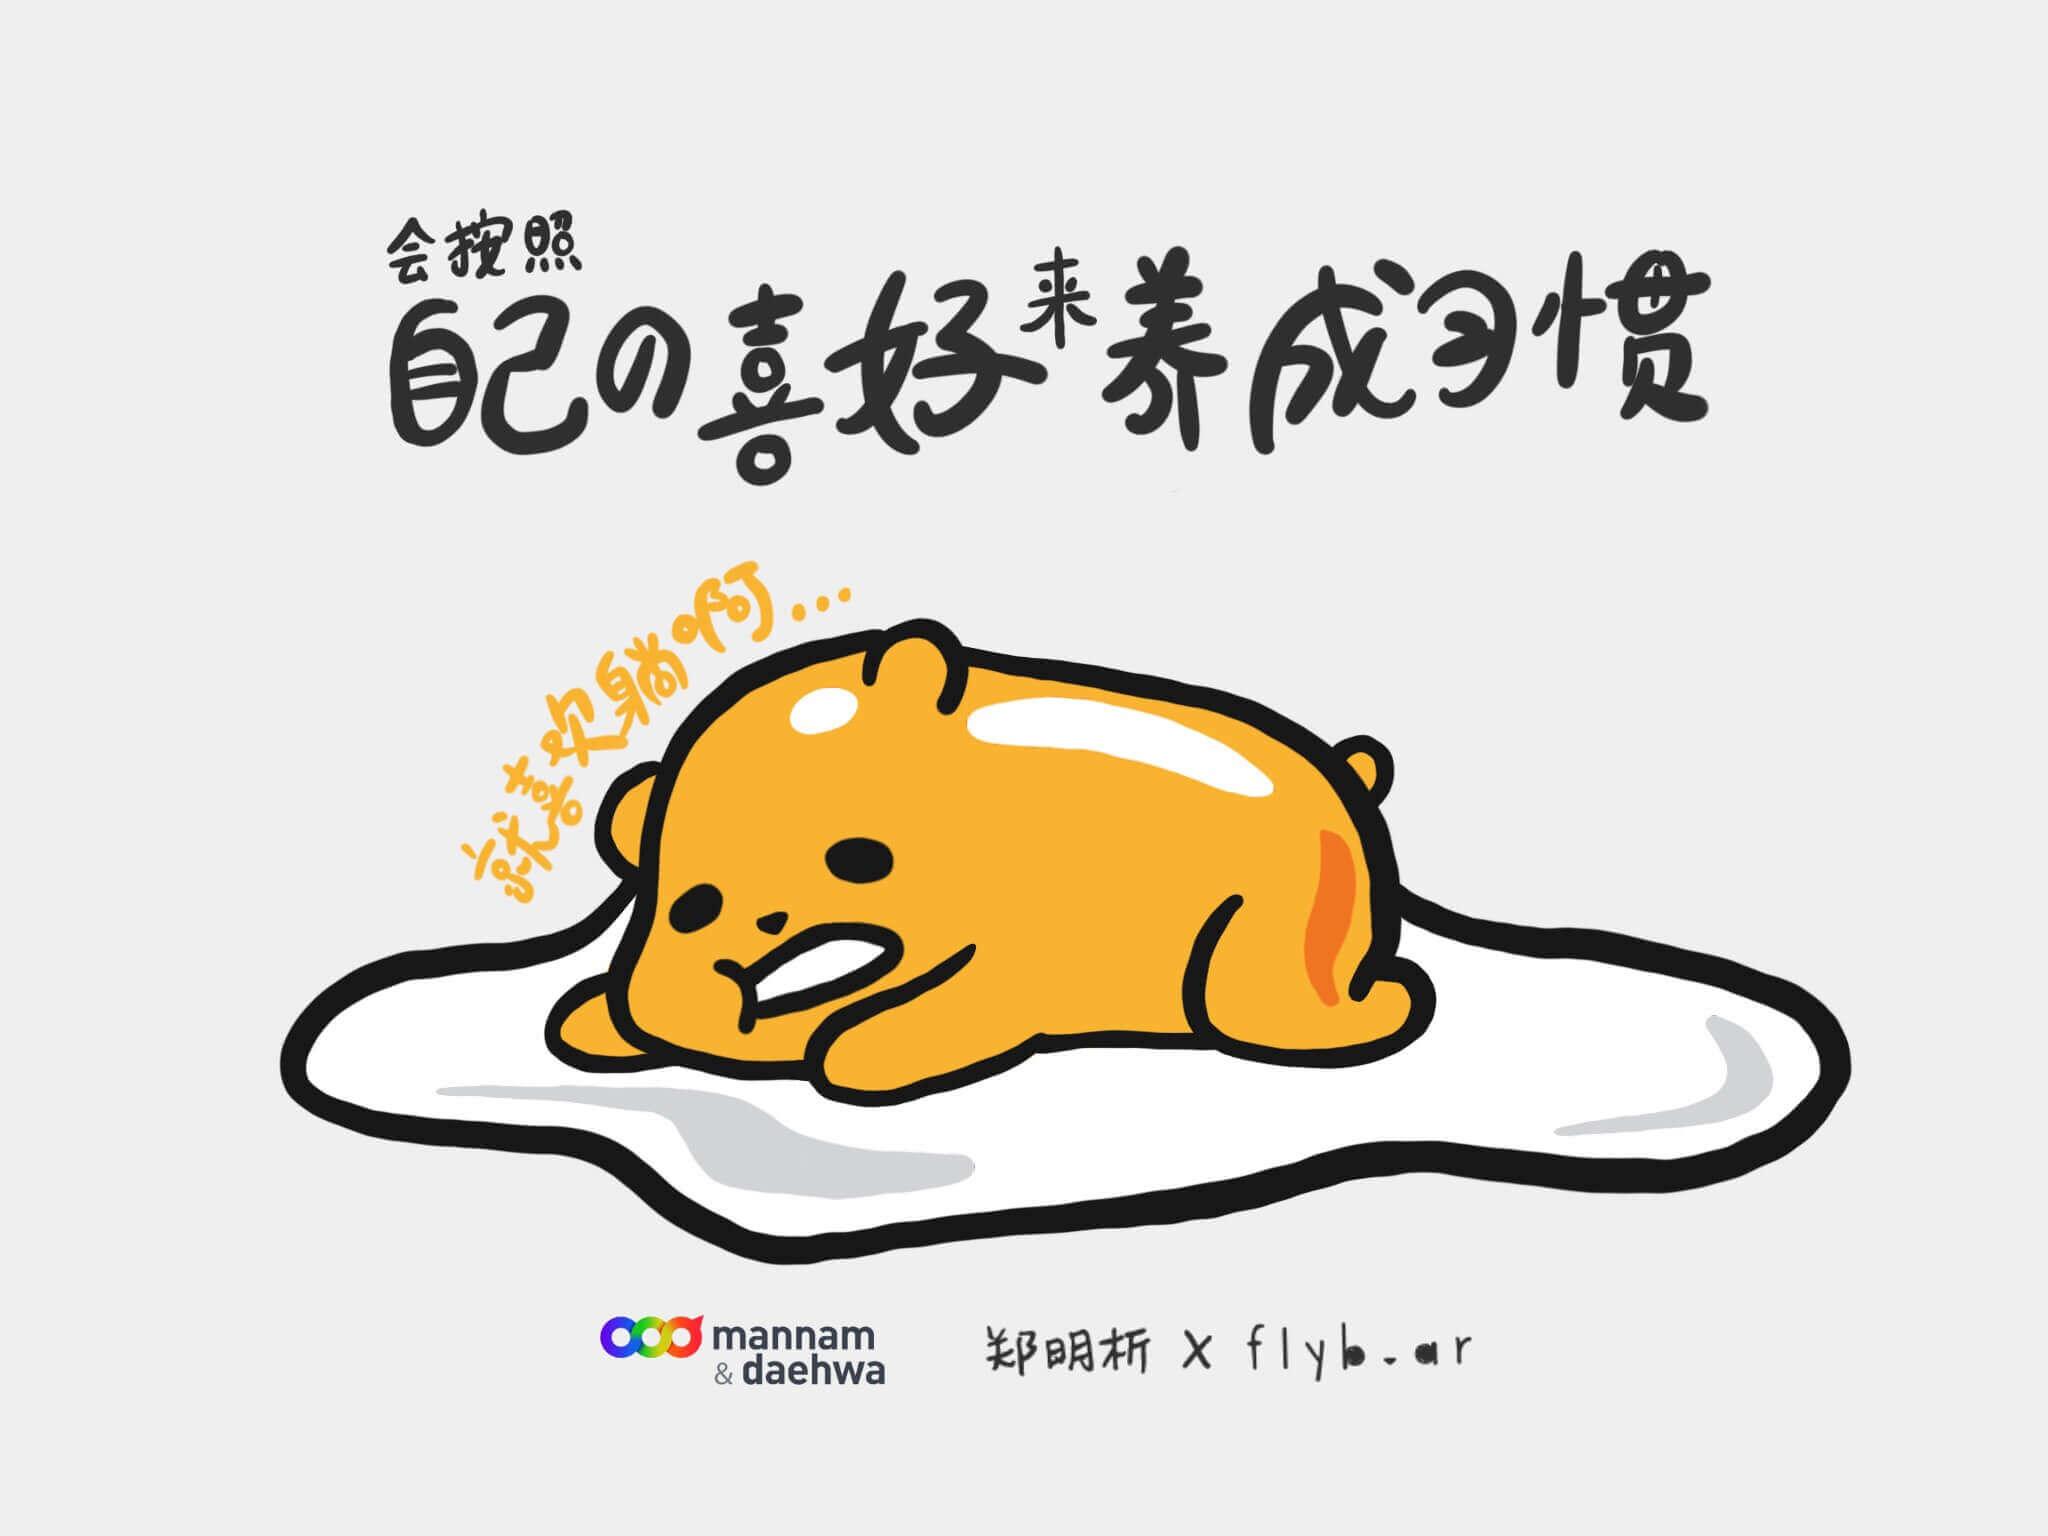 蛋黄哥_熊熊_鸡蛋_喜好